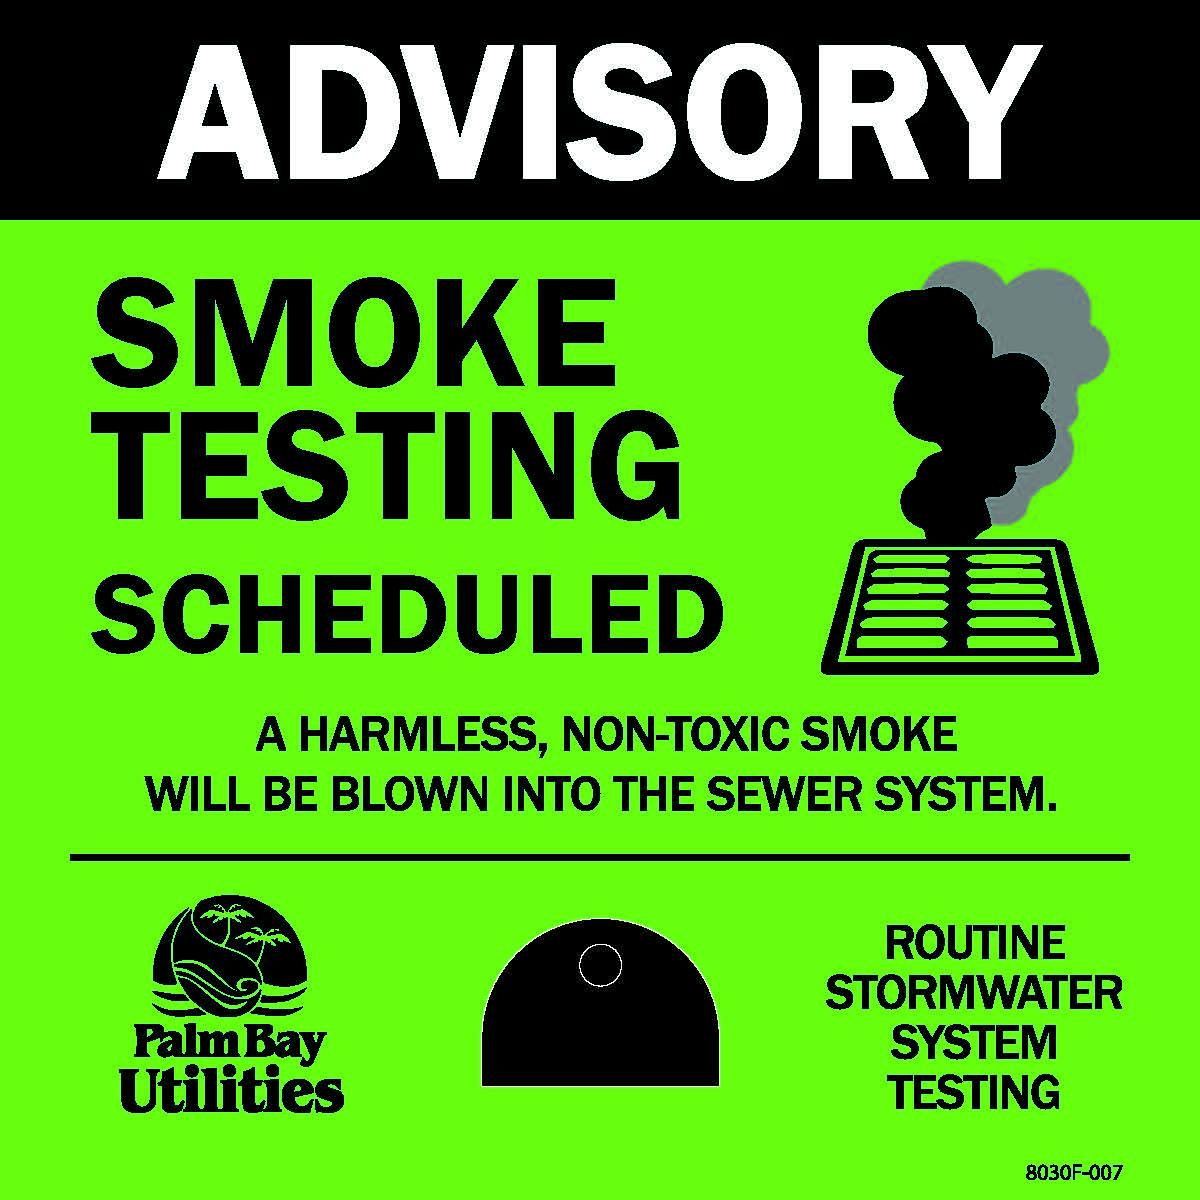 Yard Stake for Smoke Testing Notice